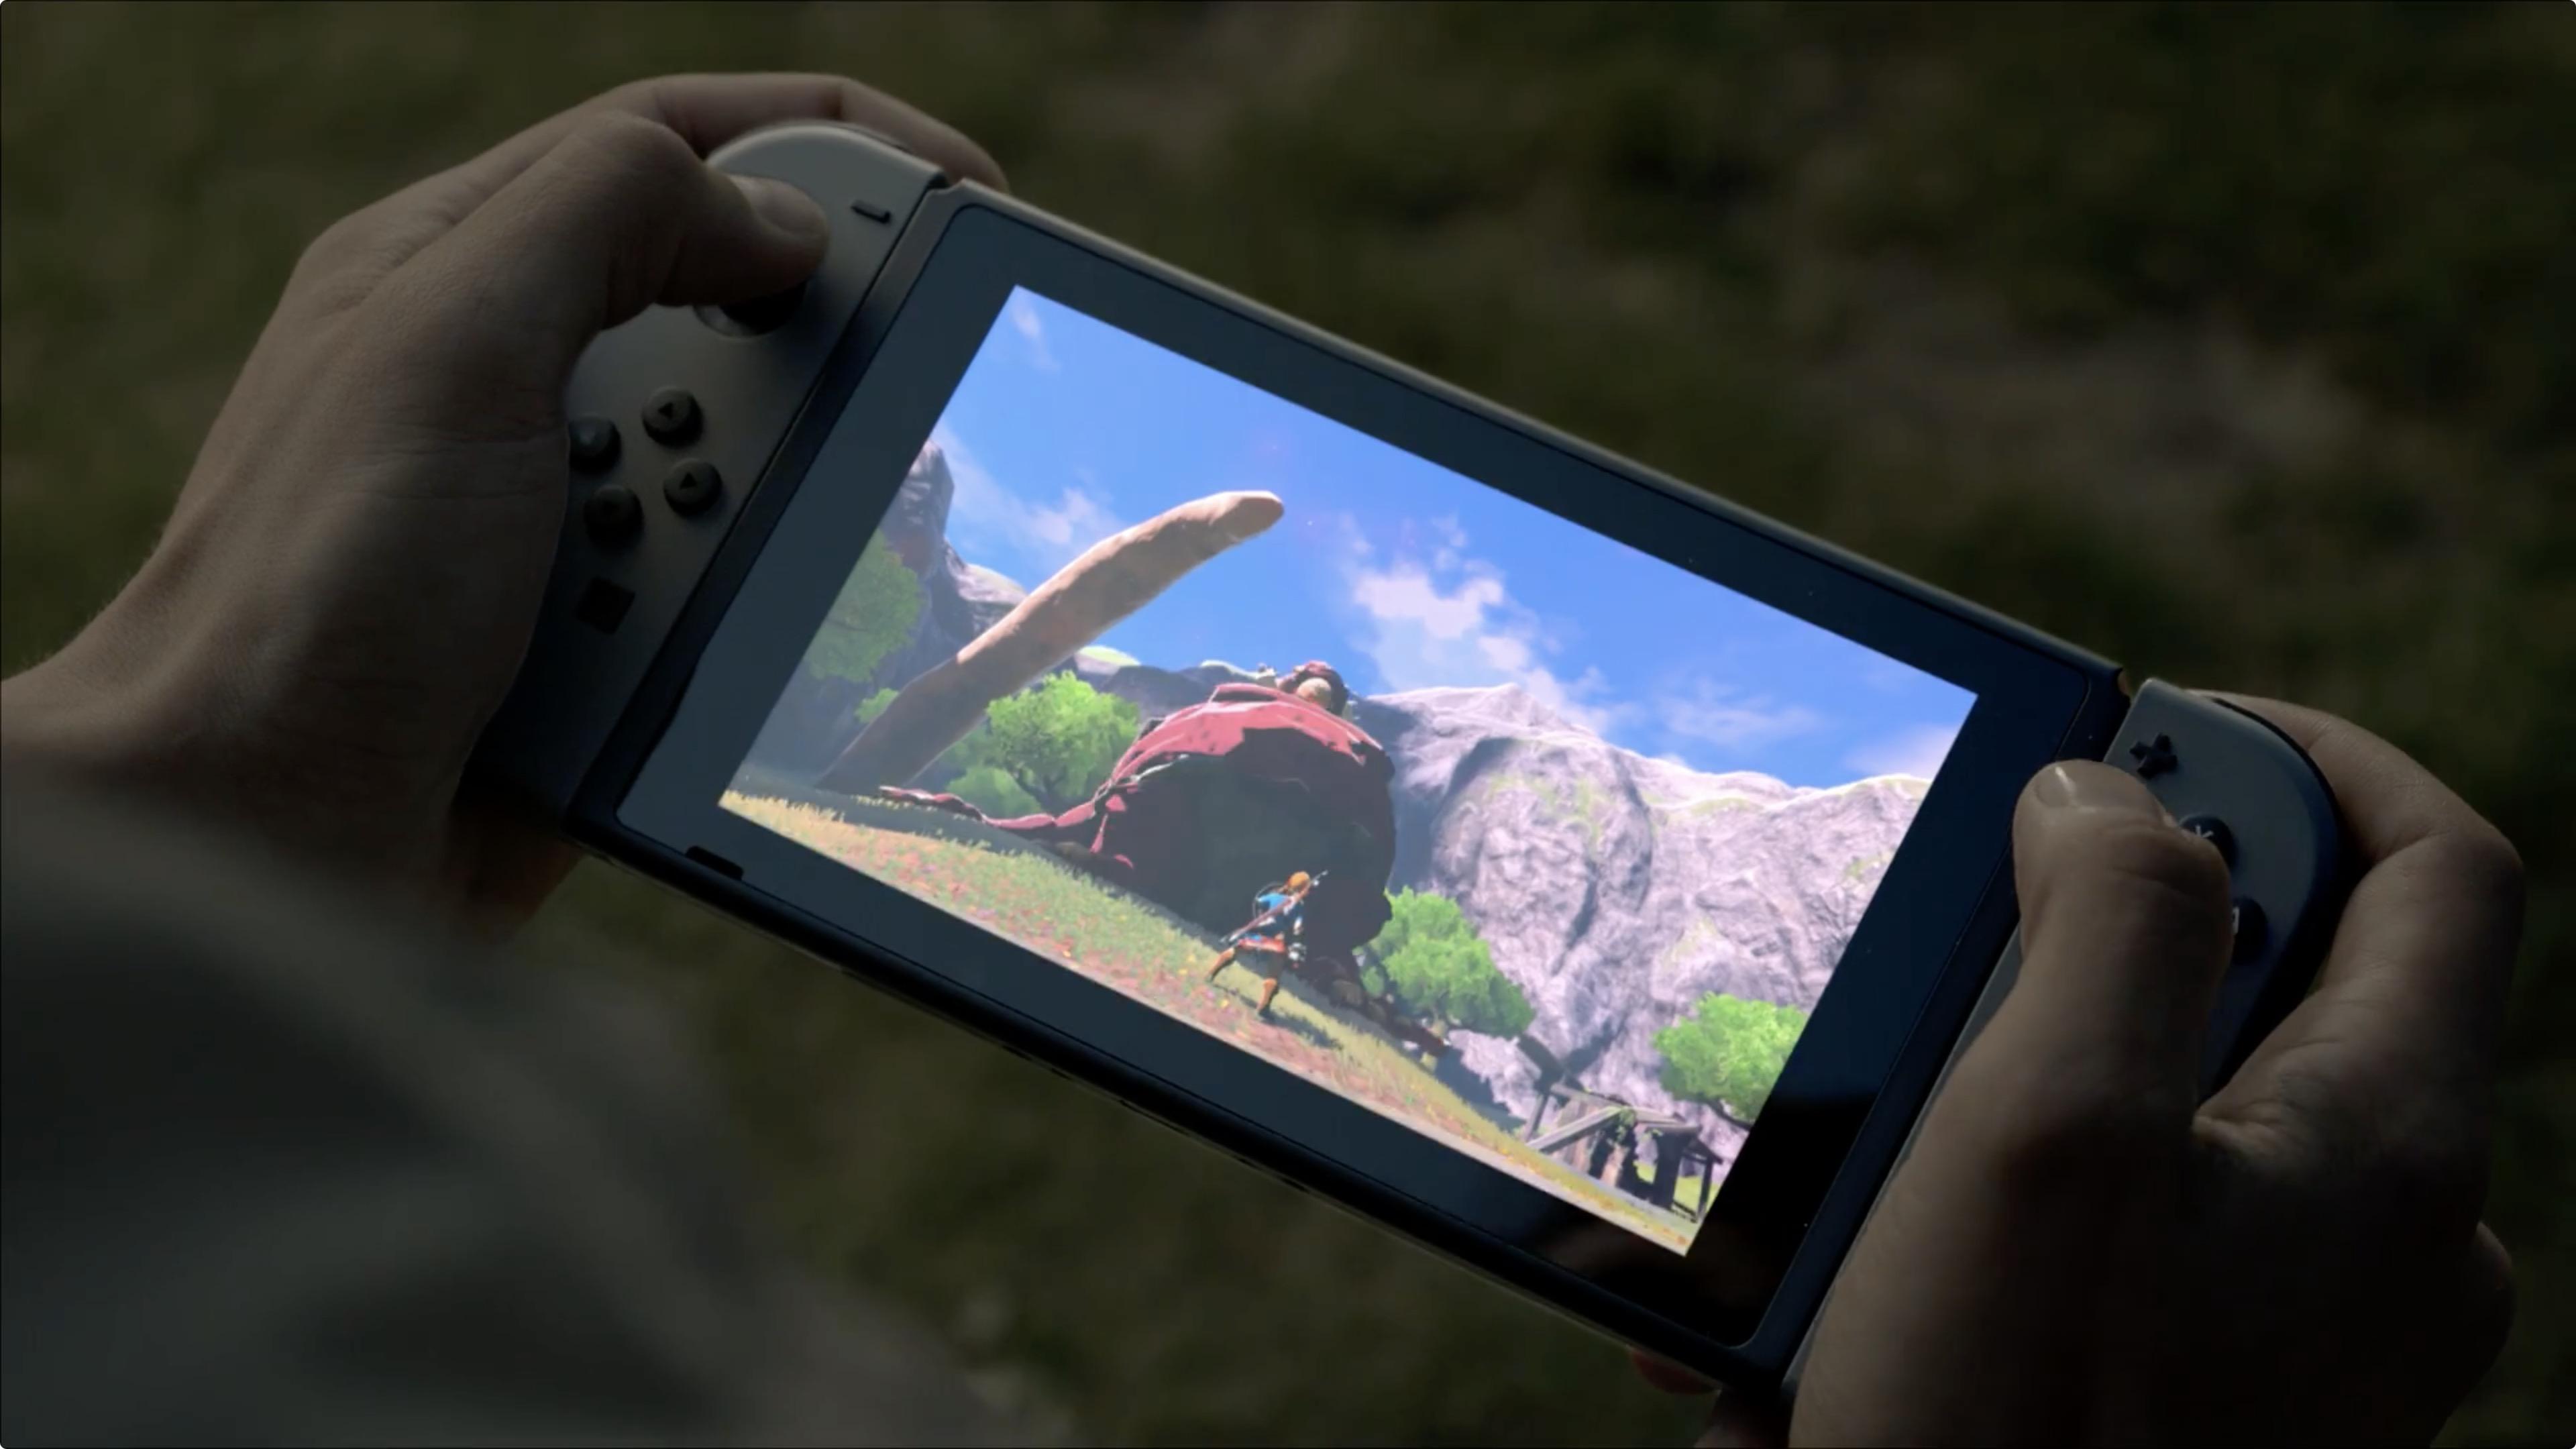 O grach i cenach Nintendo jeszcze niespecjalnie mówiło